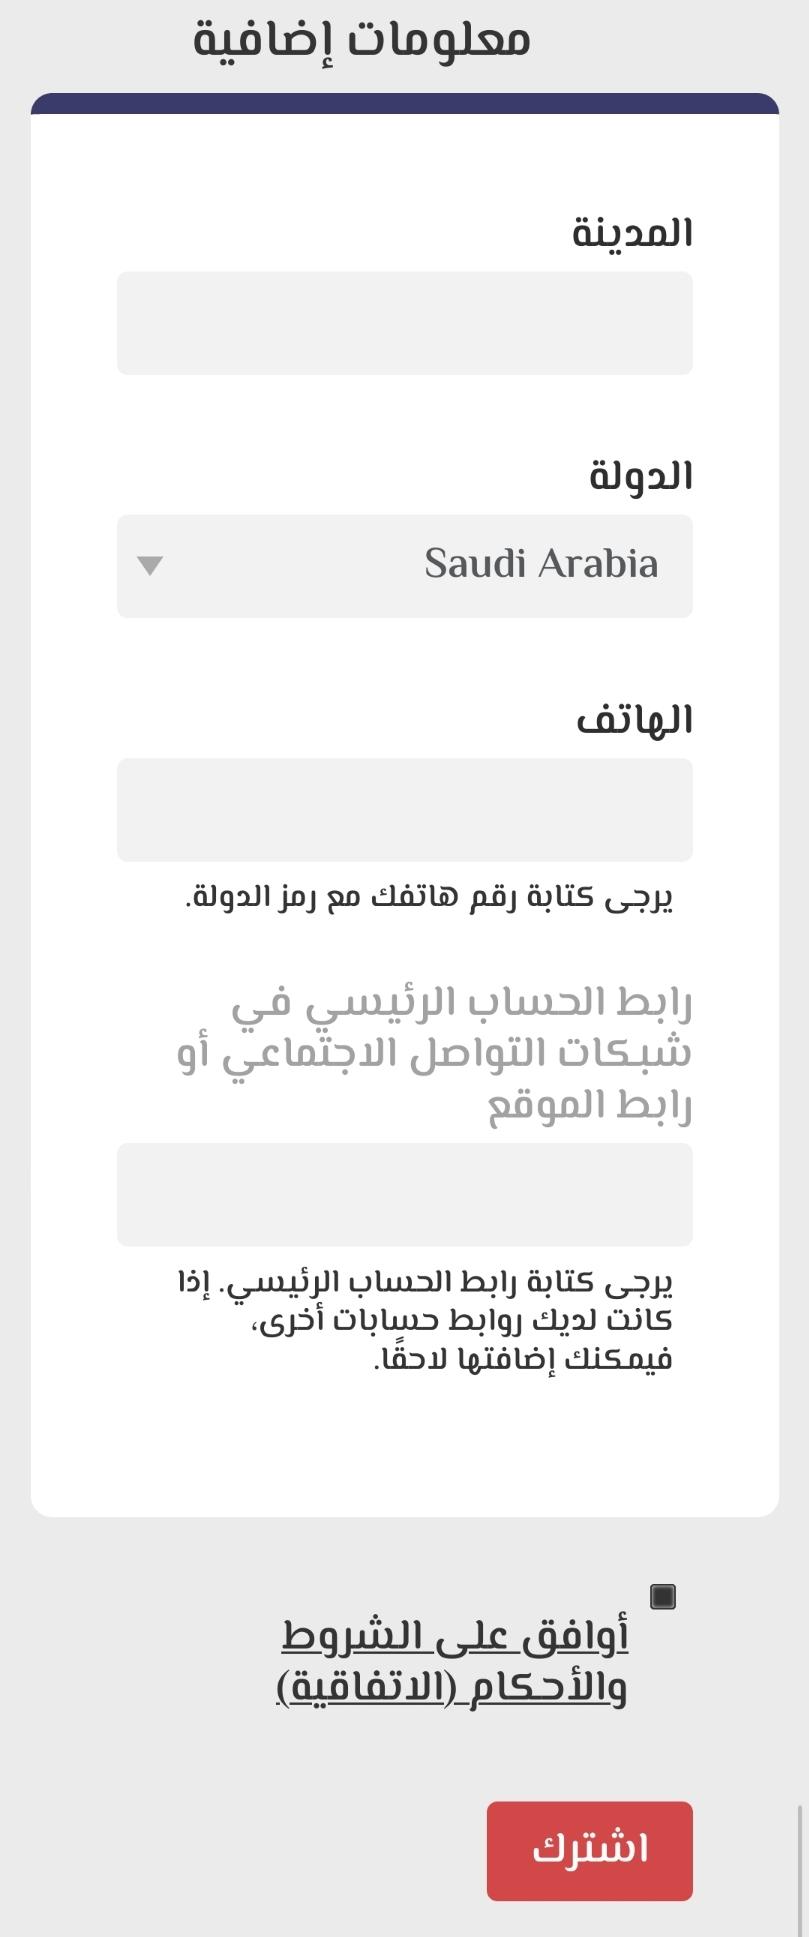 المعلومات الإضافية المطلوبة في نموذج تسجيل حساب مسوق في منصة لينك عربي